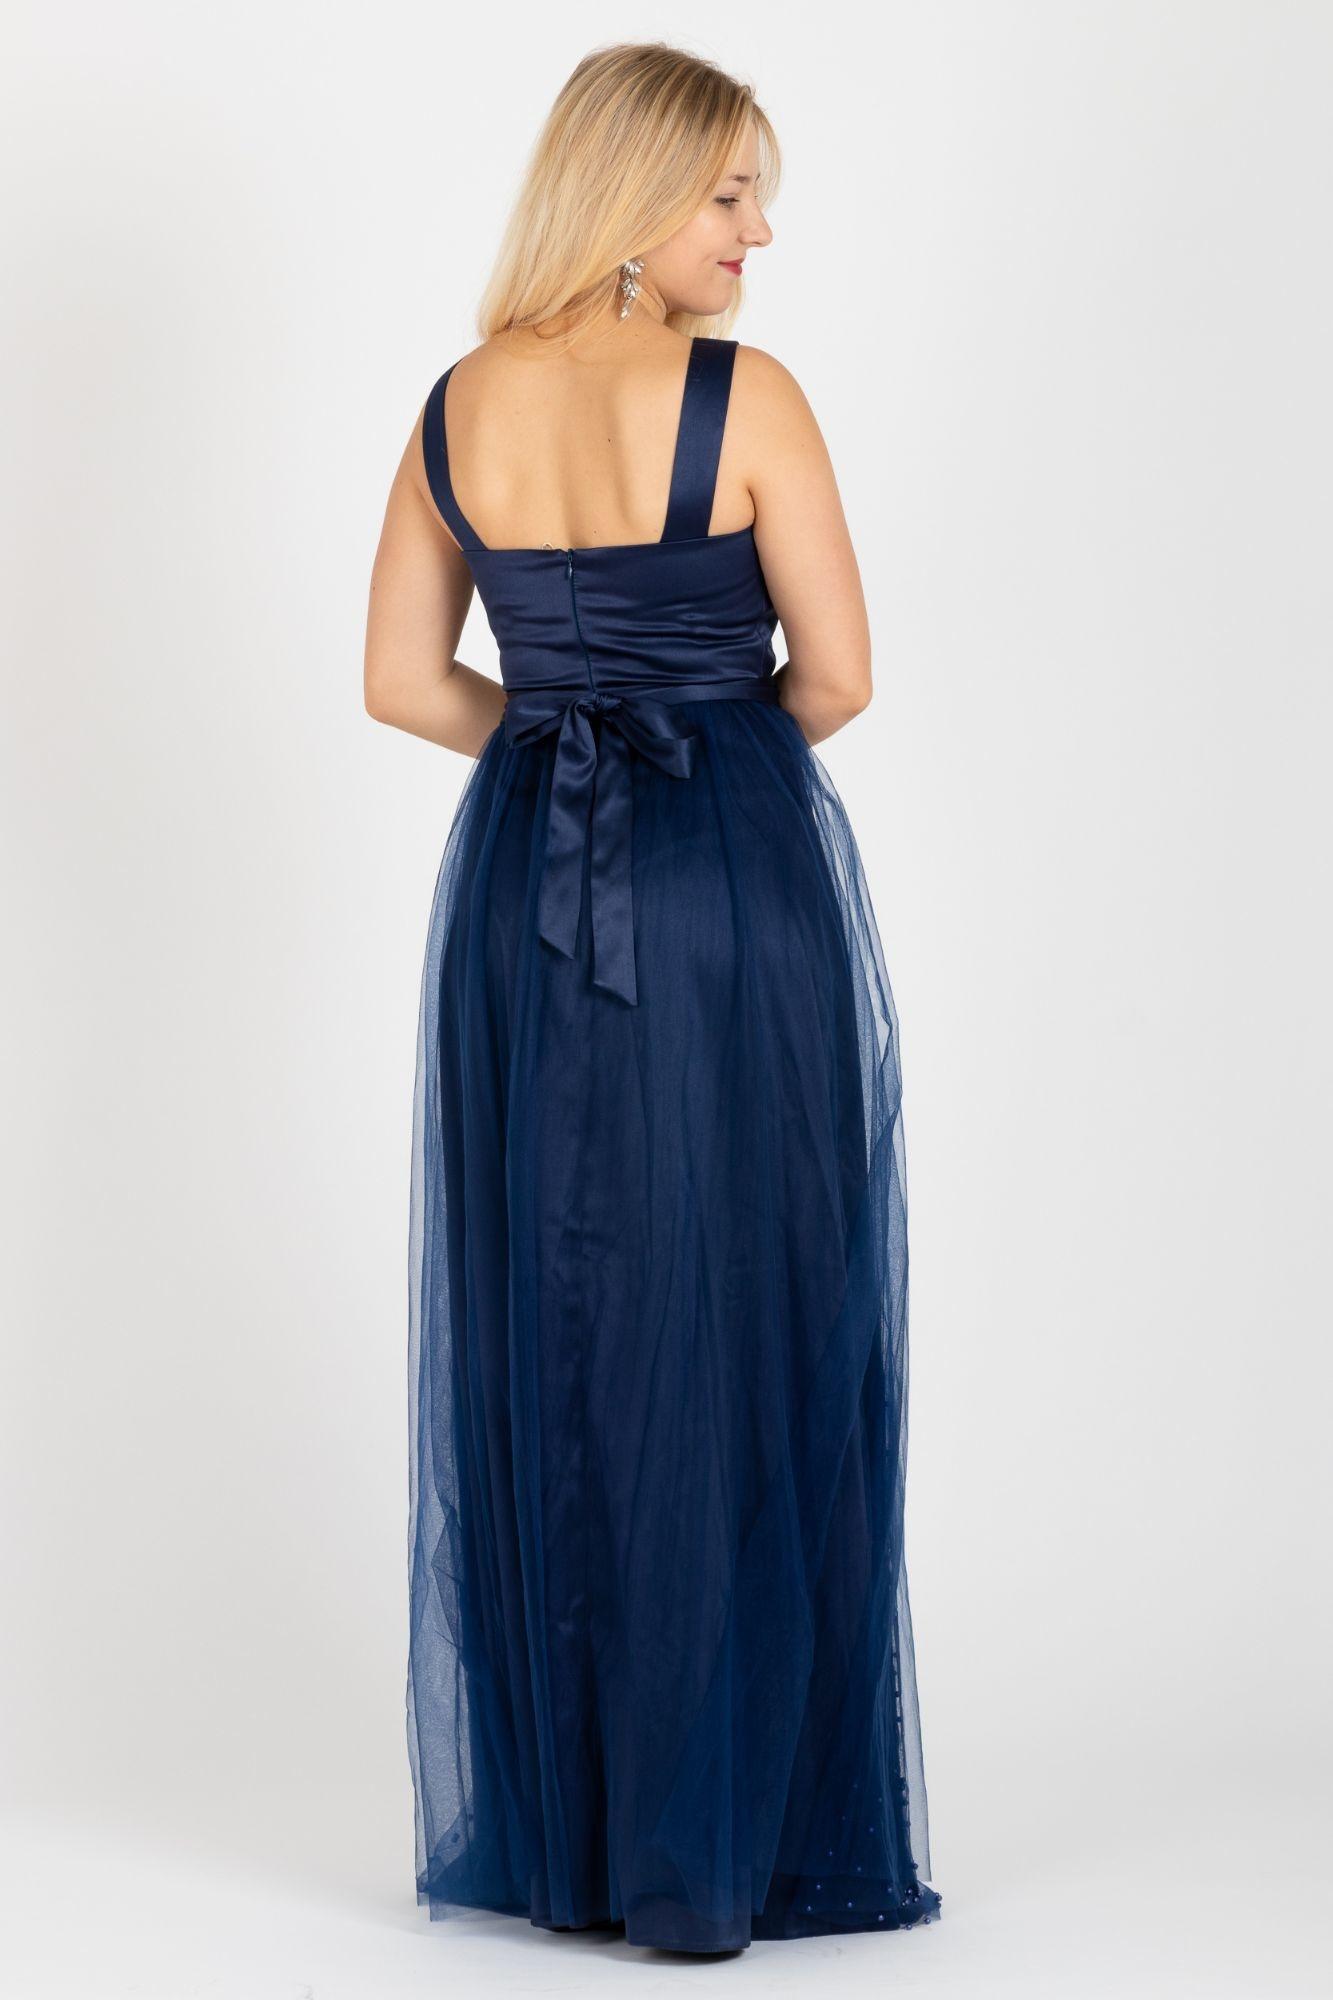 Společenské šaty Elizabeth a7050cd9ed